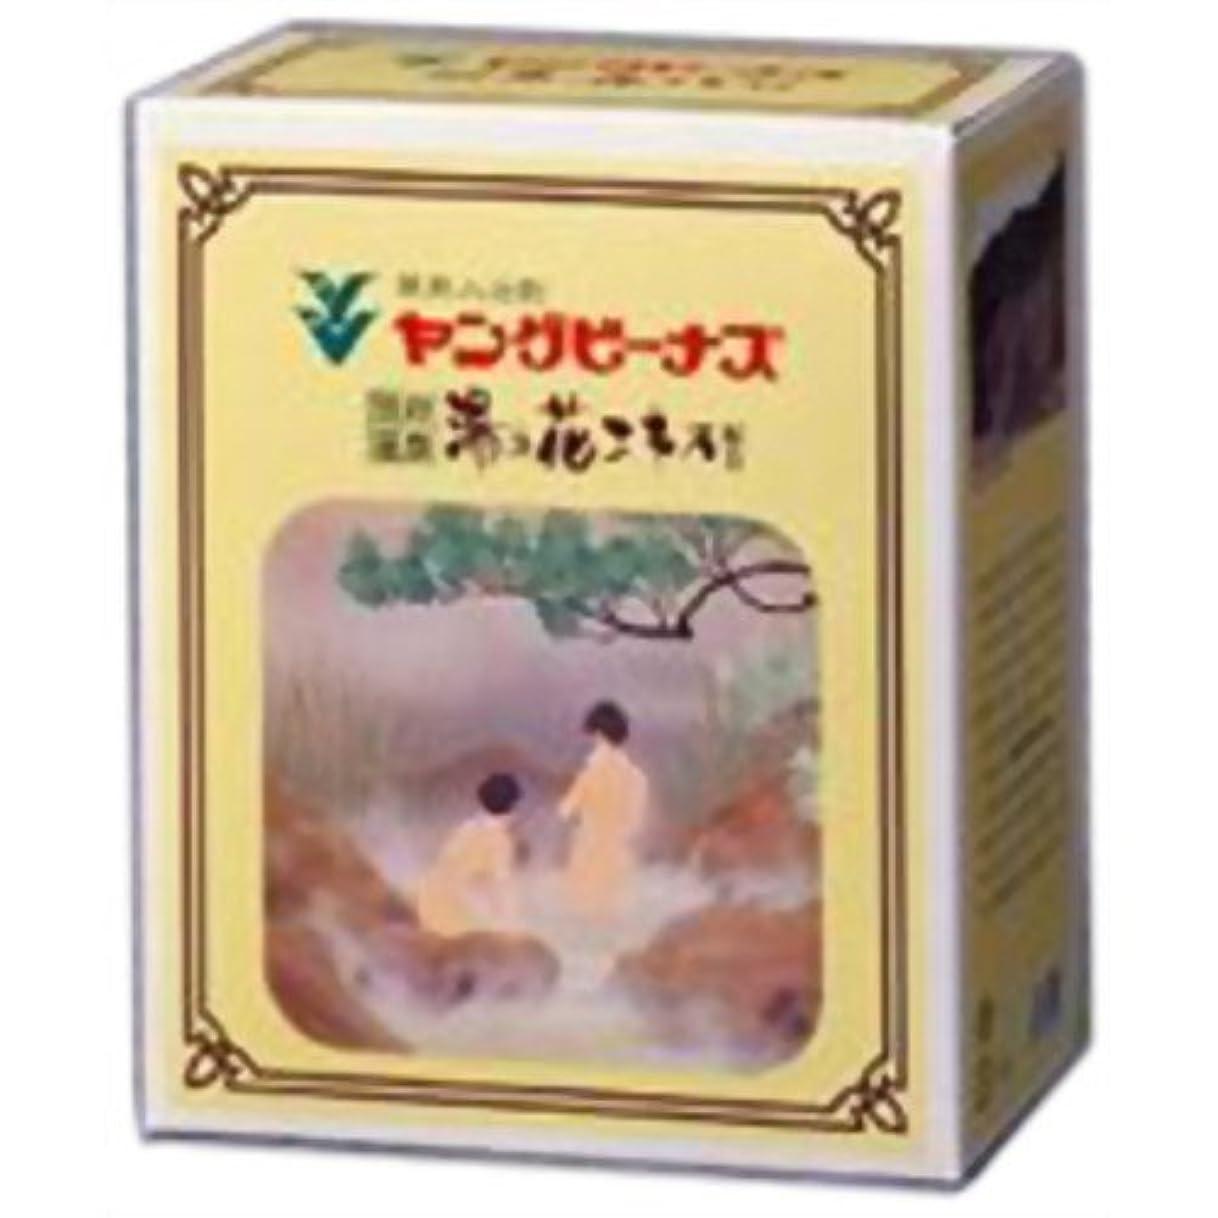 叫び声み講義ヤングビーナス 入浴剤 CX-20 1.6kg